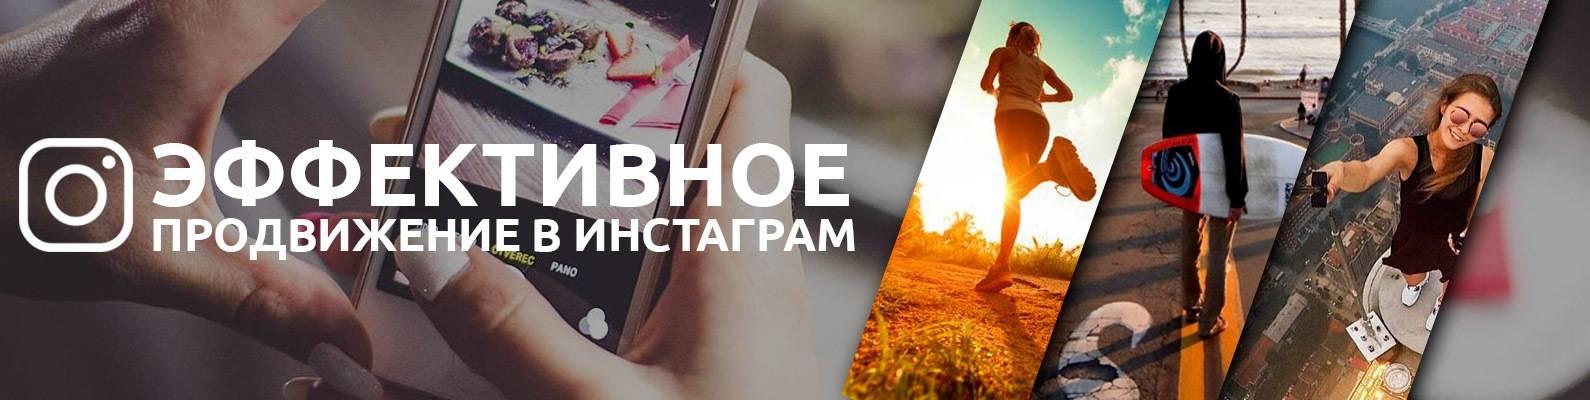 Программа для раскрутки инстаграм: продвижение - лучшие сервисы и сайты в instagram, для рекламы